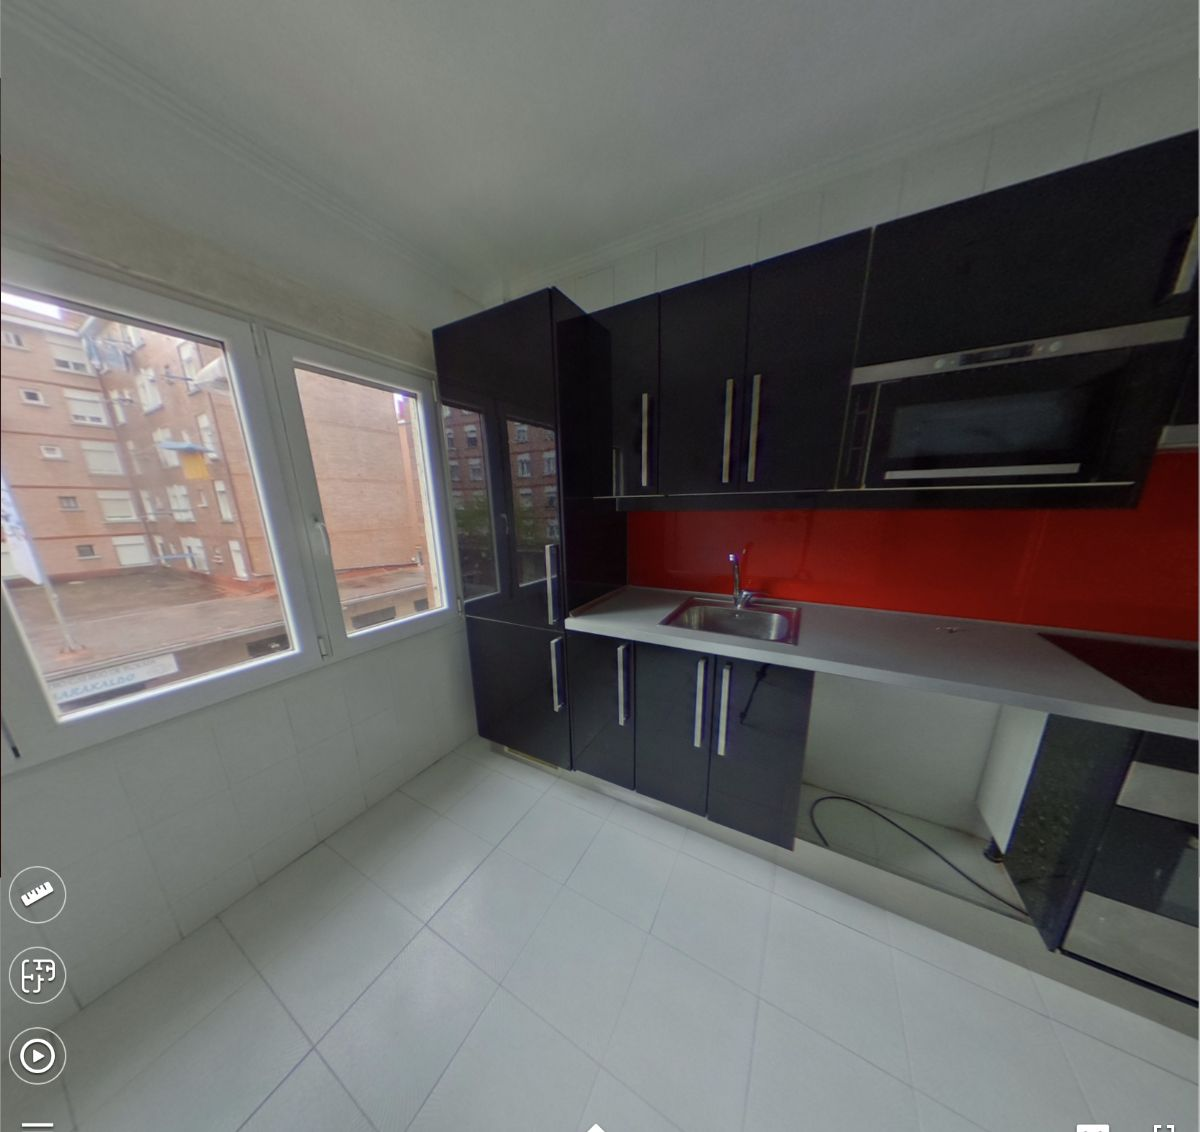 Piso en venta en Arteagabeitia, Barakaldo, Vizcaya, Calle Isaac Peral, 122.500 €, 2 habitaciones, 7 baños, 51 m2